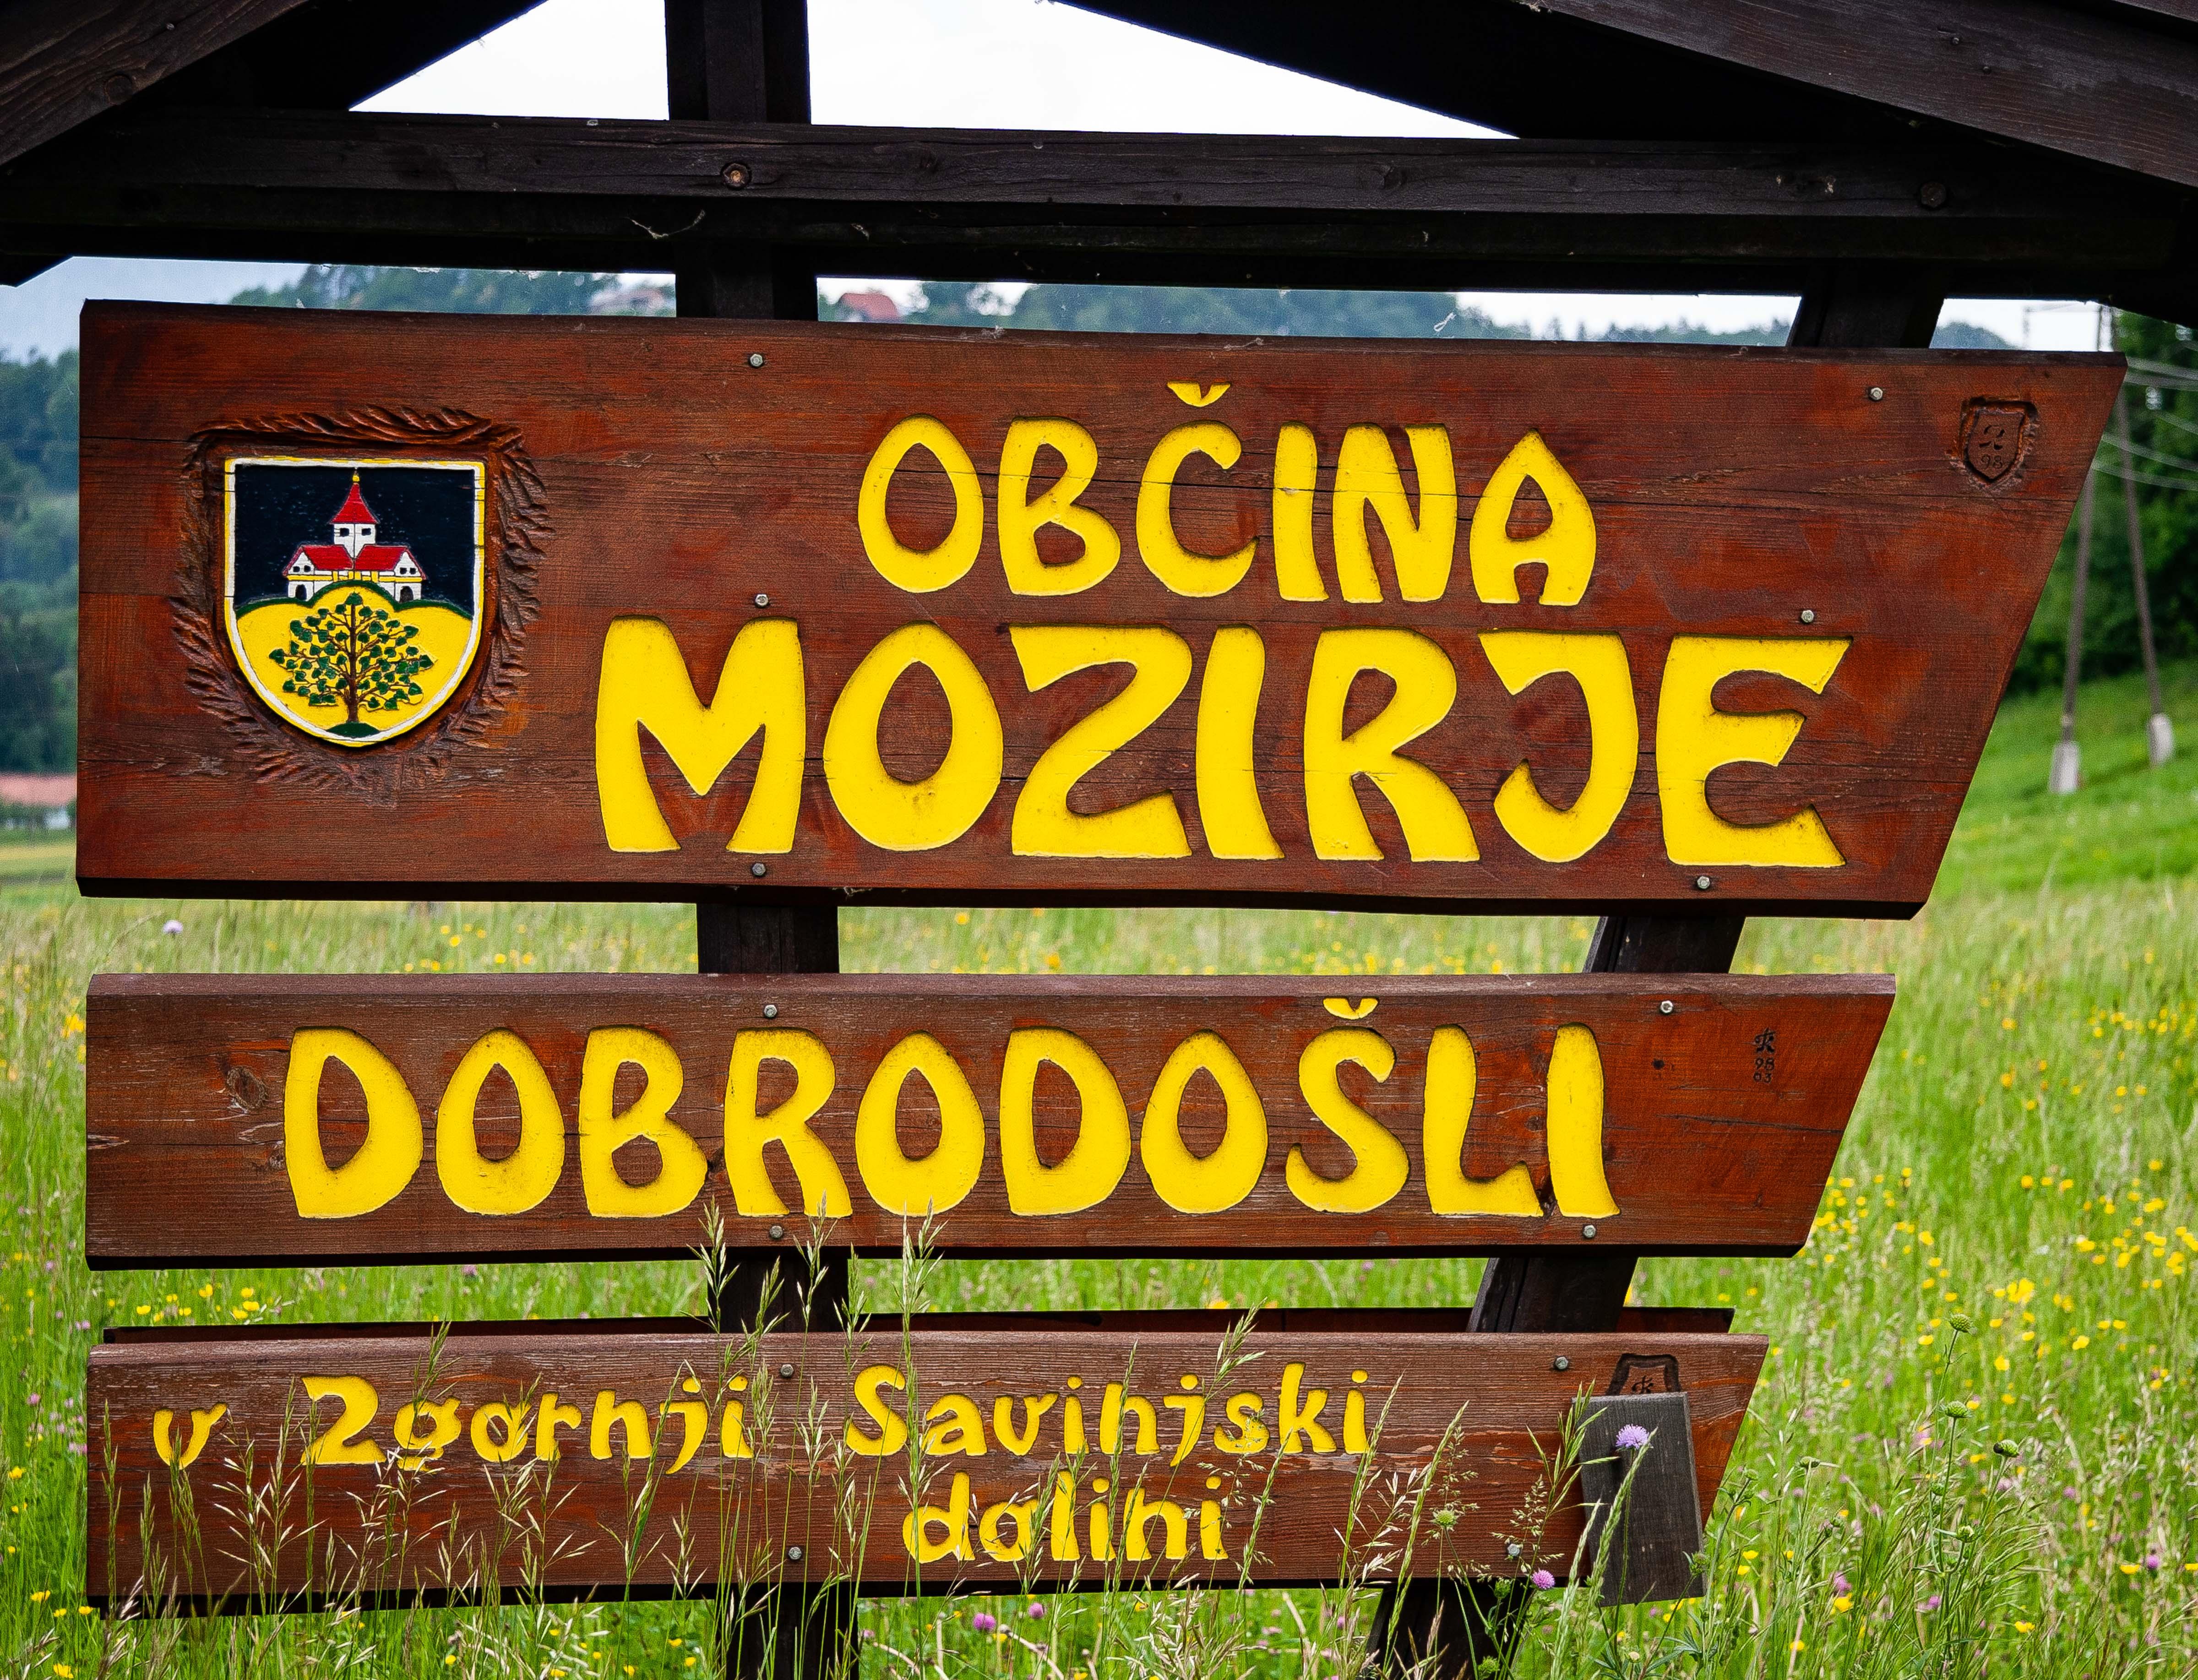 Slovenia, Mozirje Prov, Dobrodosli Obcina Mozirje, 2006, IMG 8185